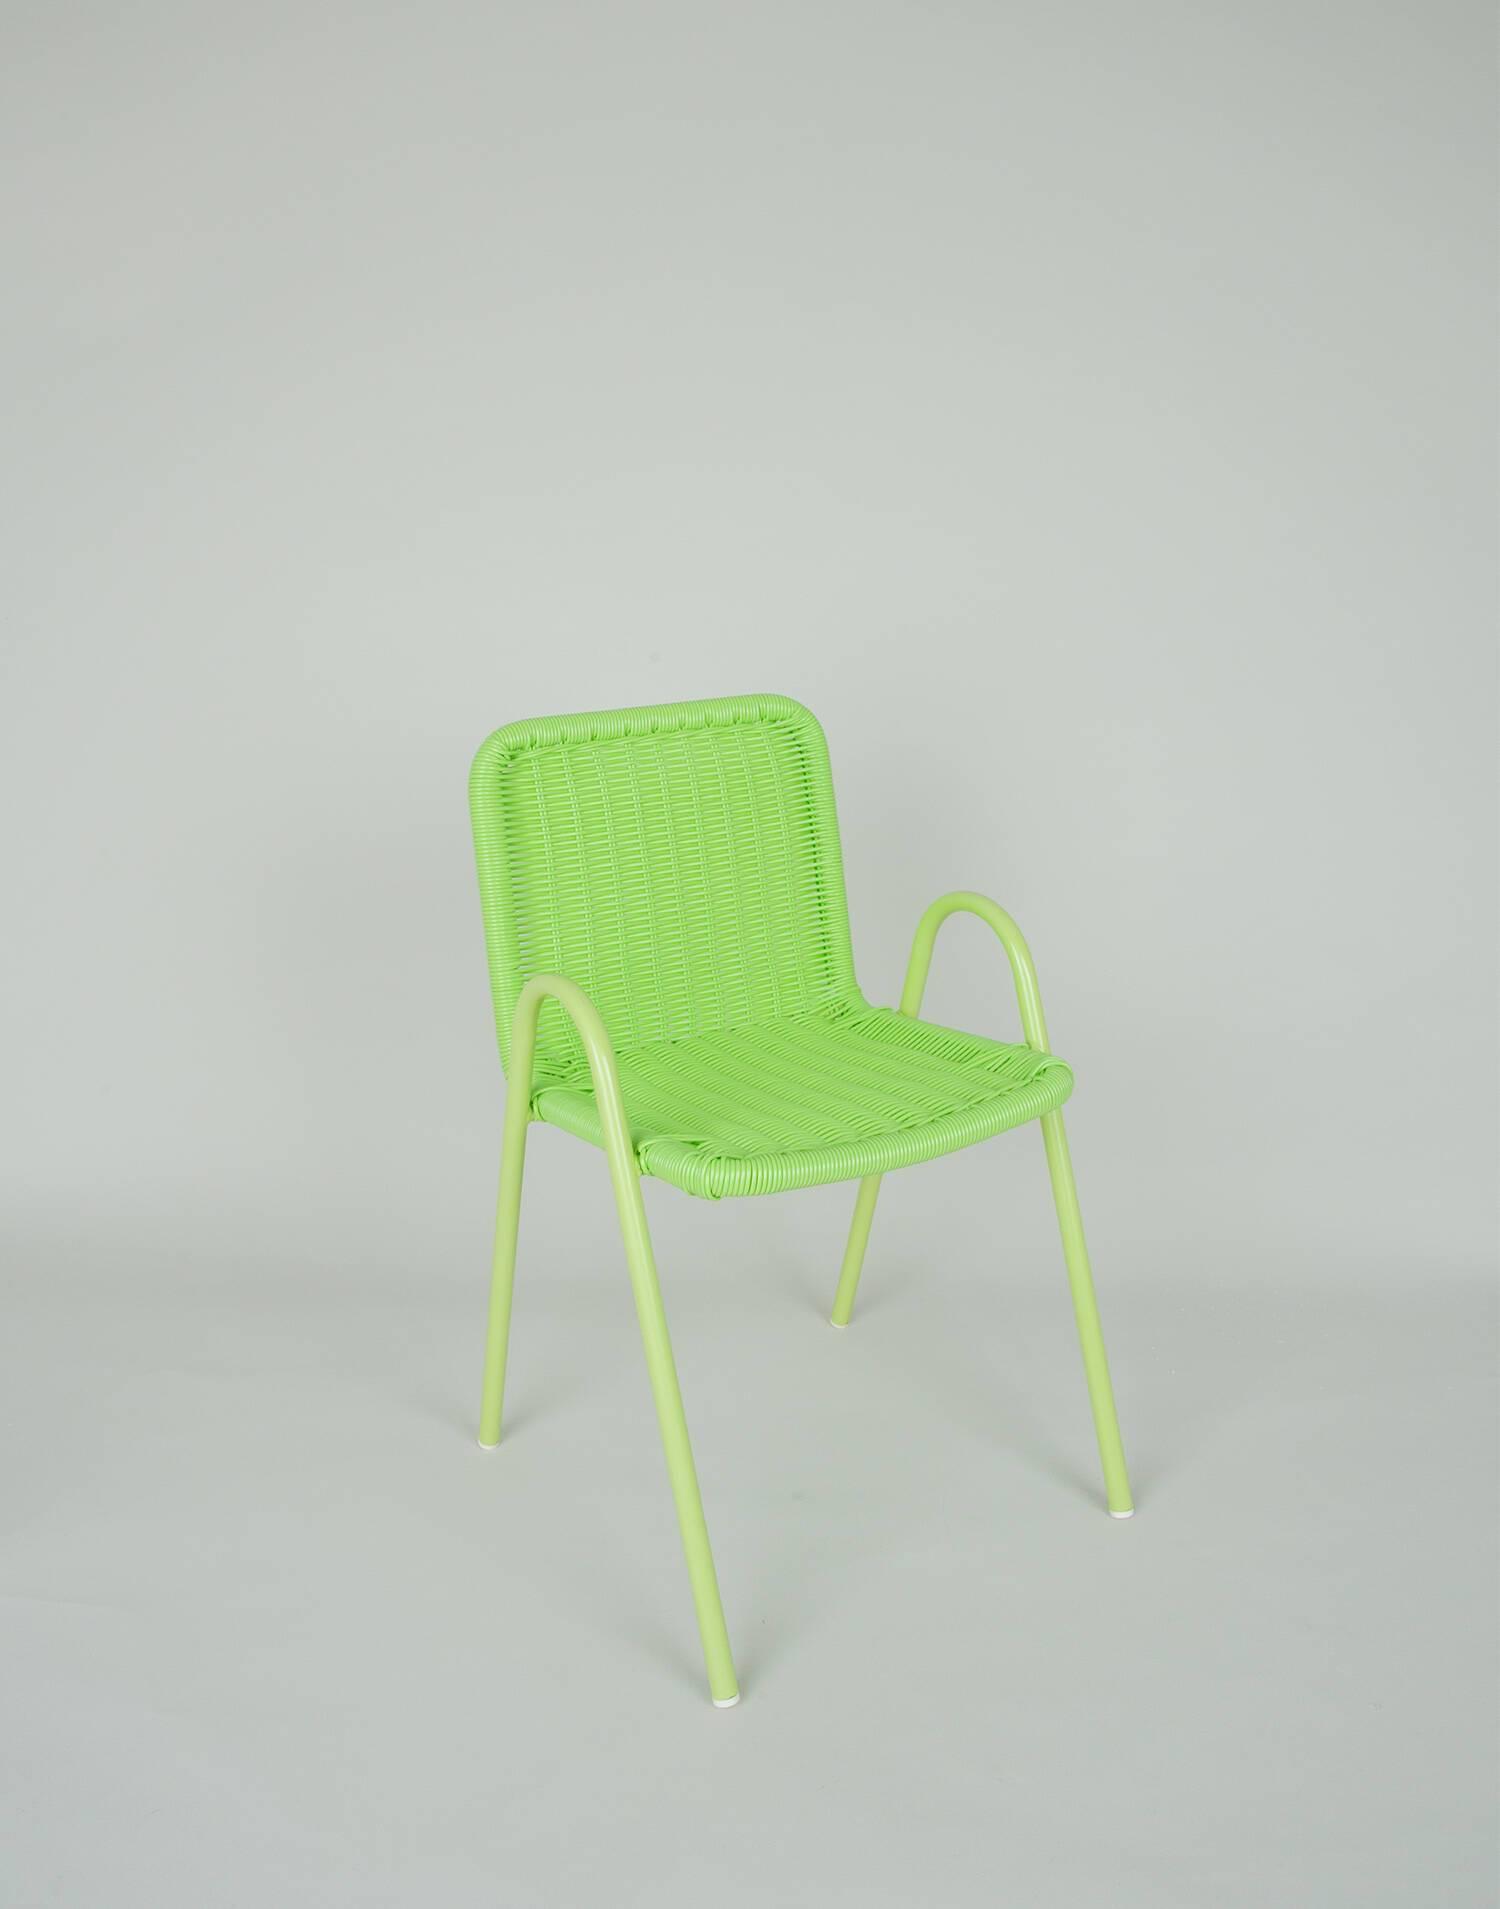 Kinderstuhl aus grünem harz